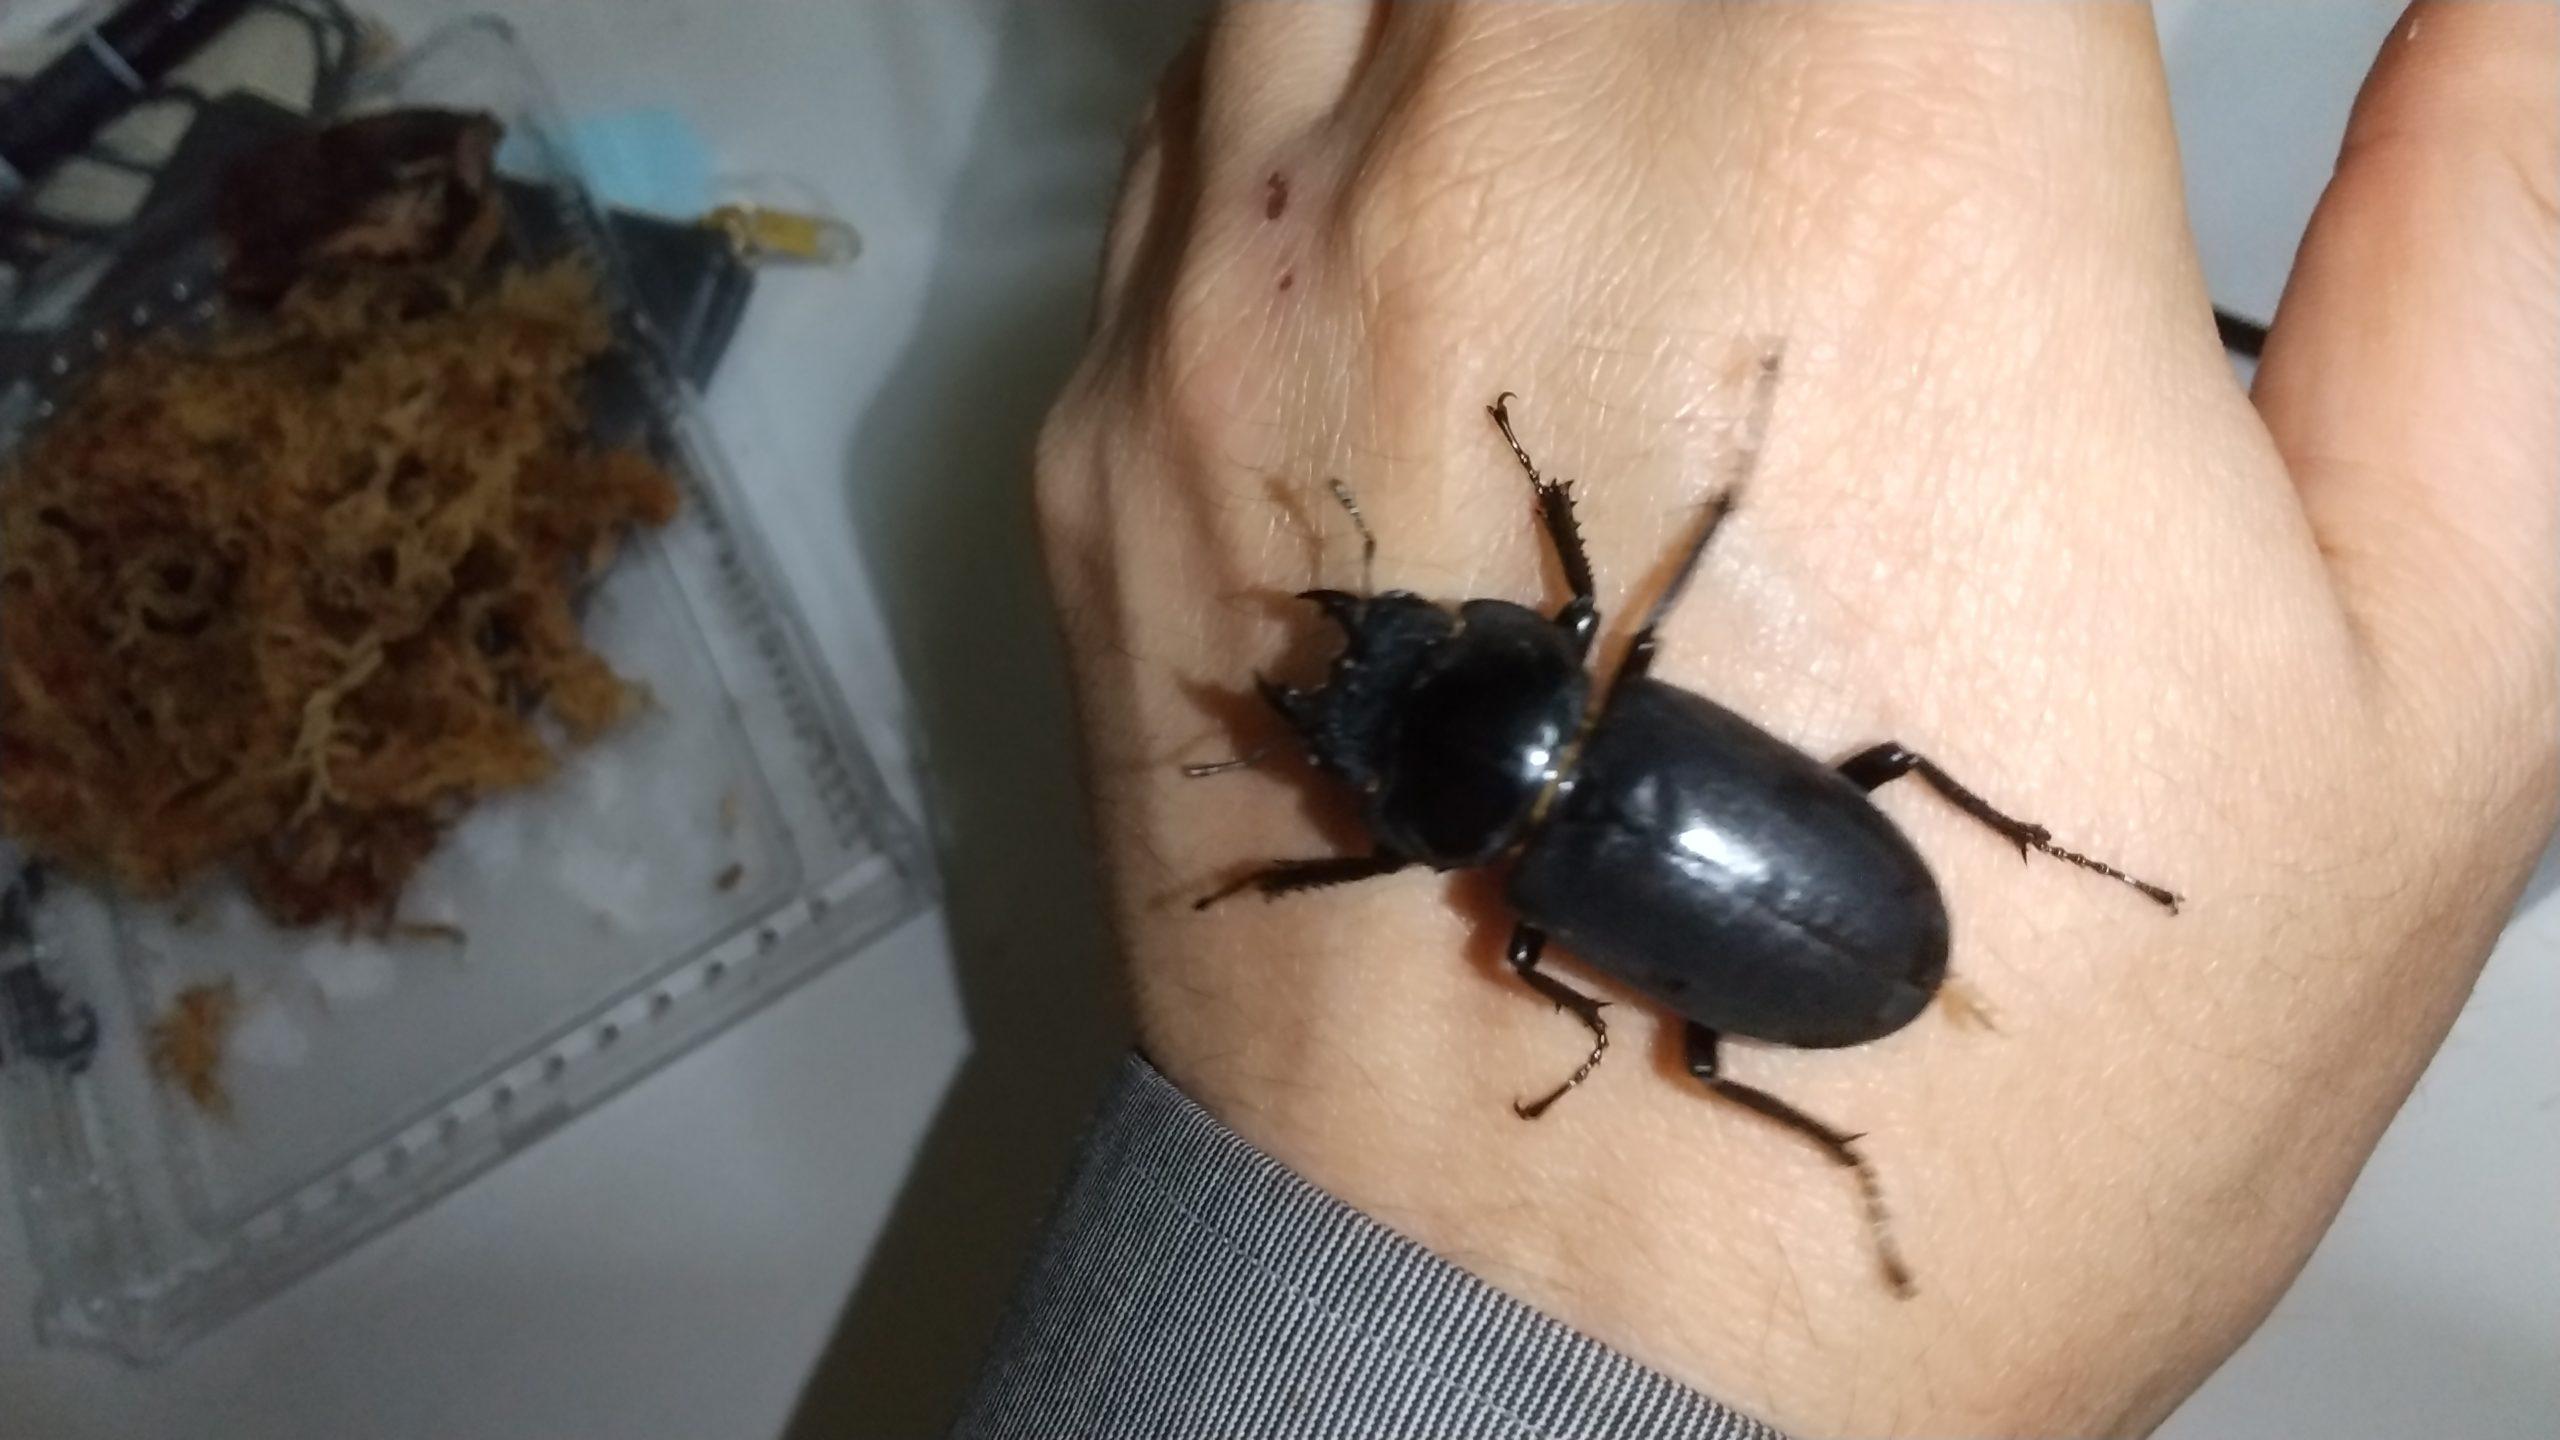 ヒメオオクワガタの繁殖について昆虫ショップにきく